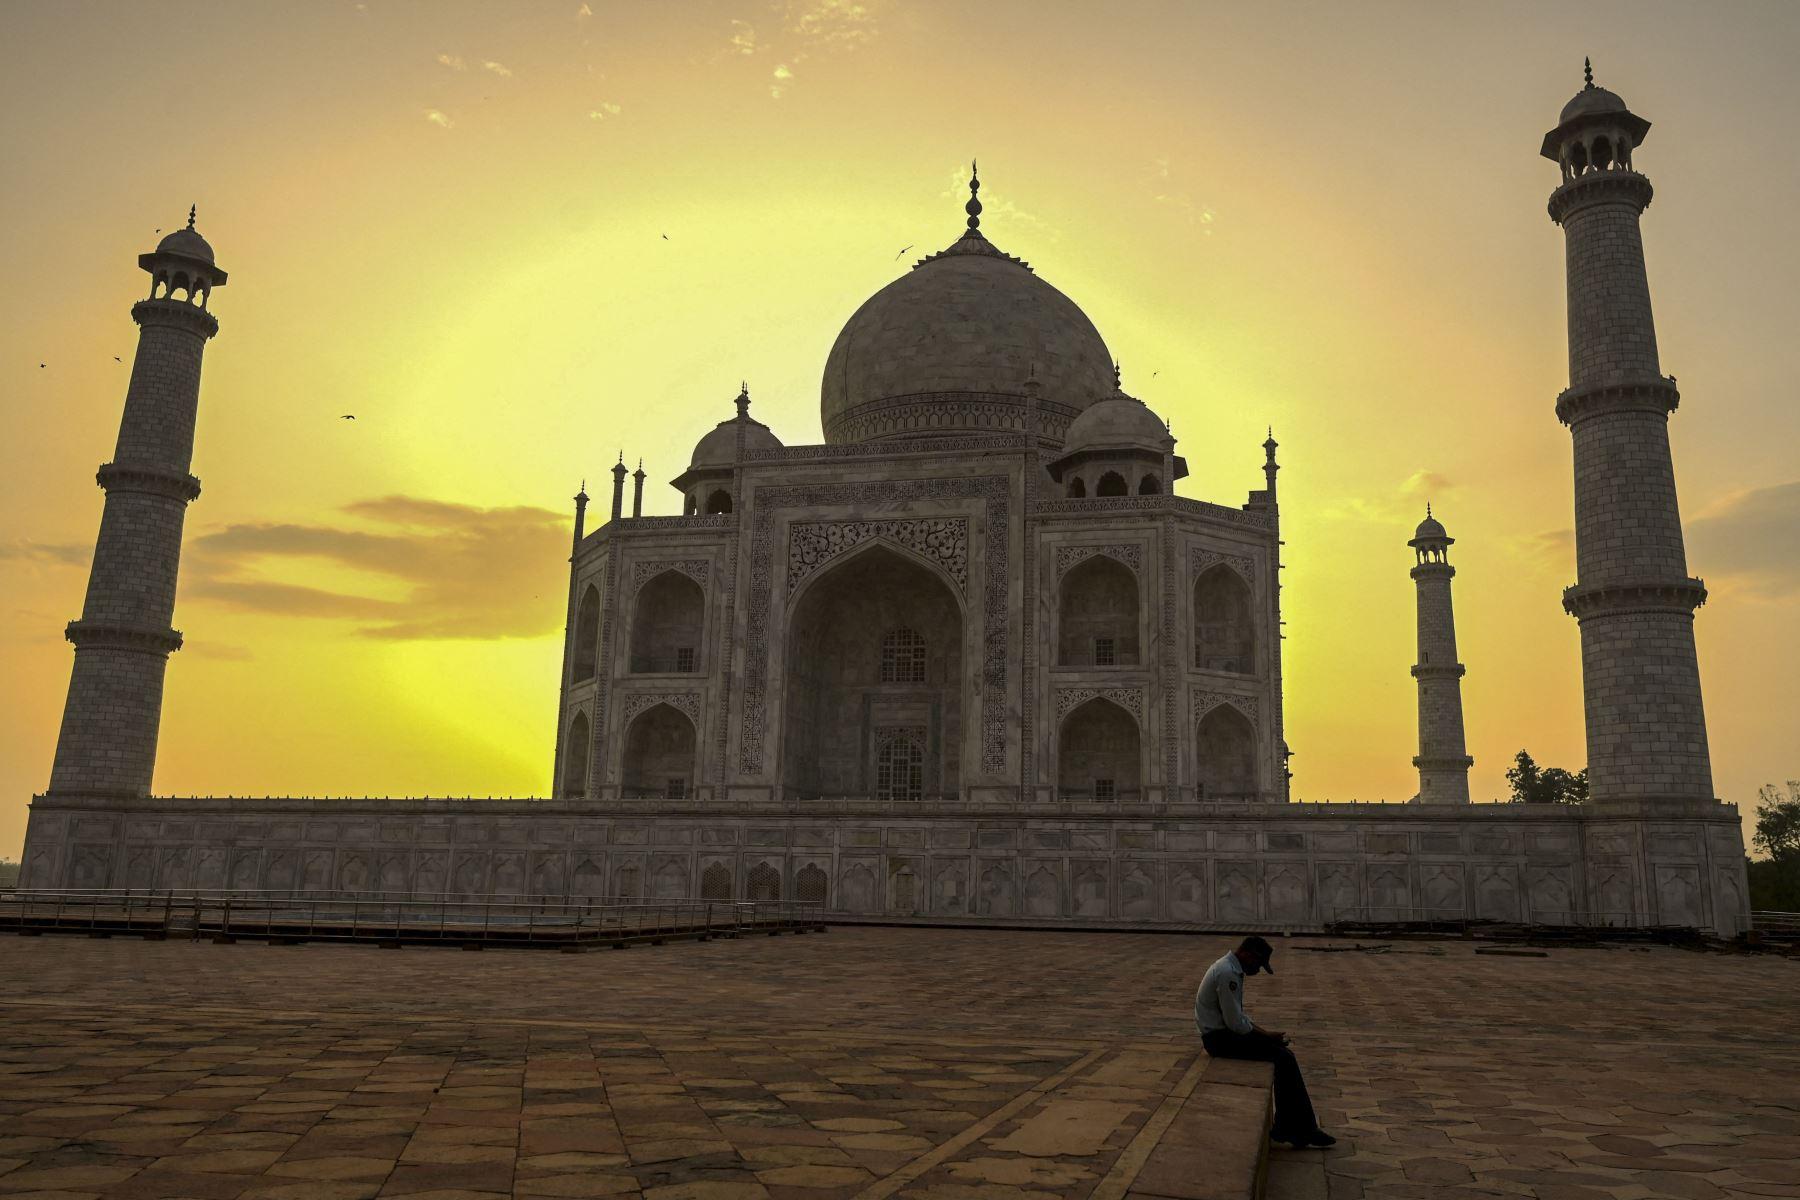 Un guardia de seguridad se toma un descanso cuando sale el sol detrás del Taj Mahal después de que reabriera a los visitantes luego de que las autoridades suavizaran las restricciones del coronavirus  en Agra. Foto: AFP